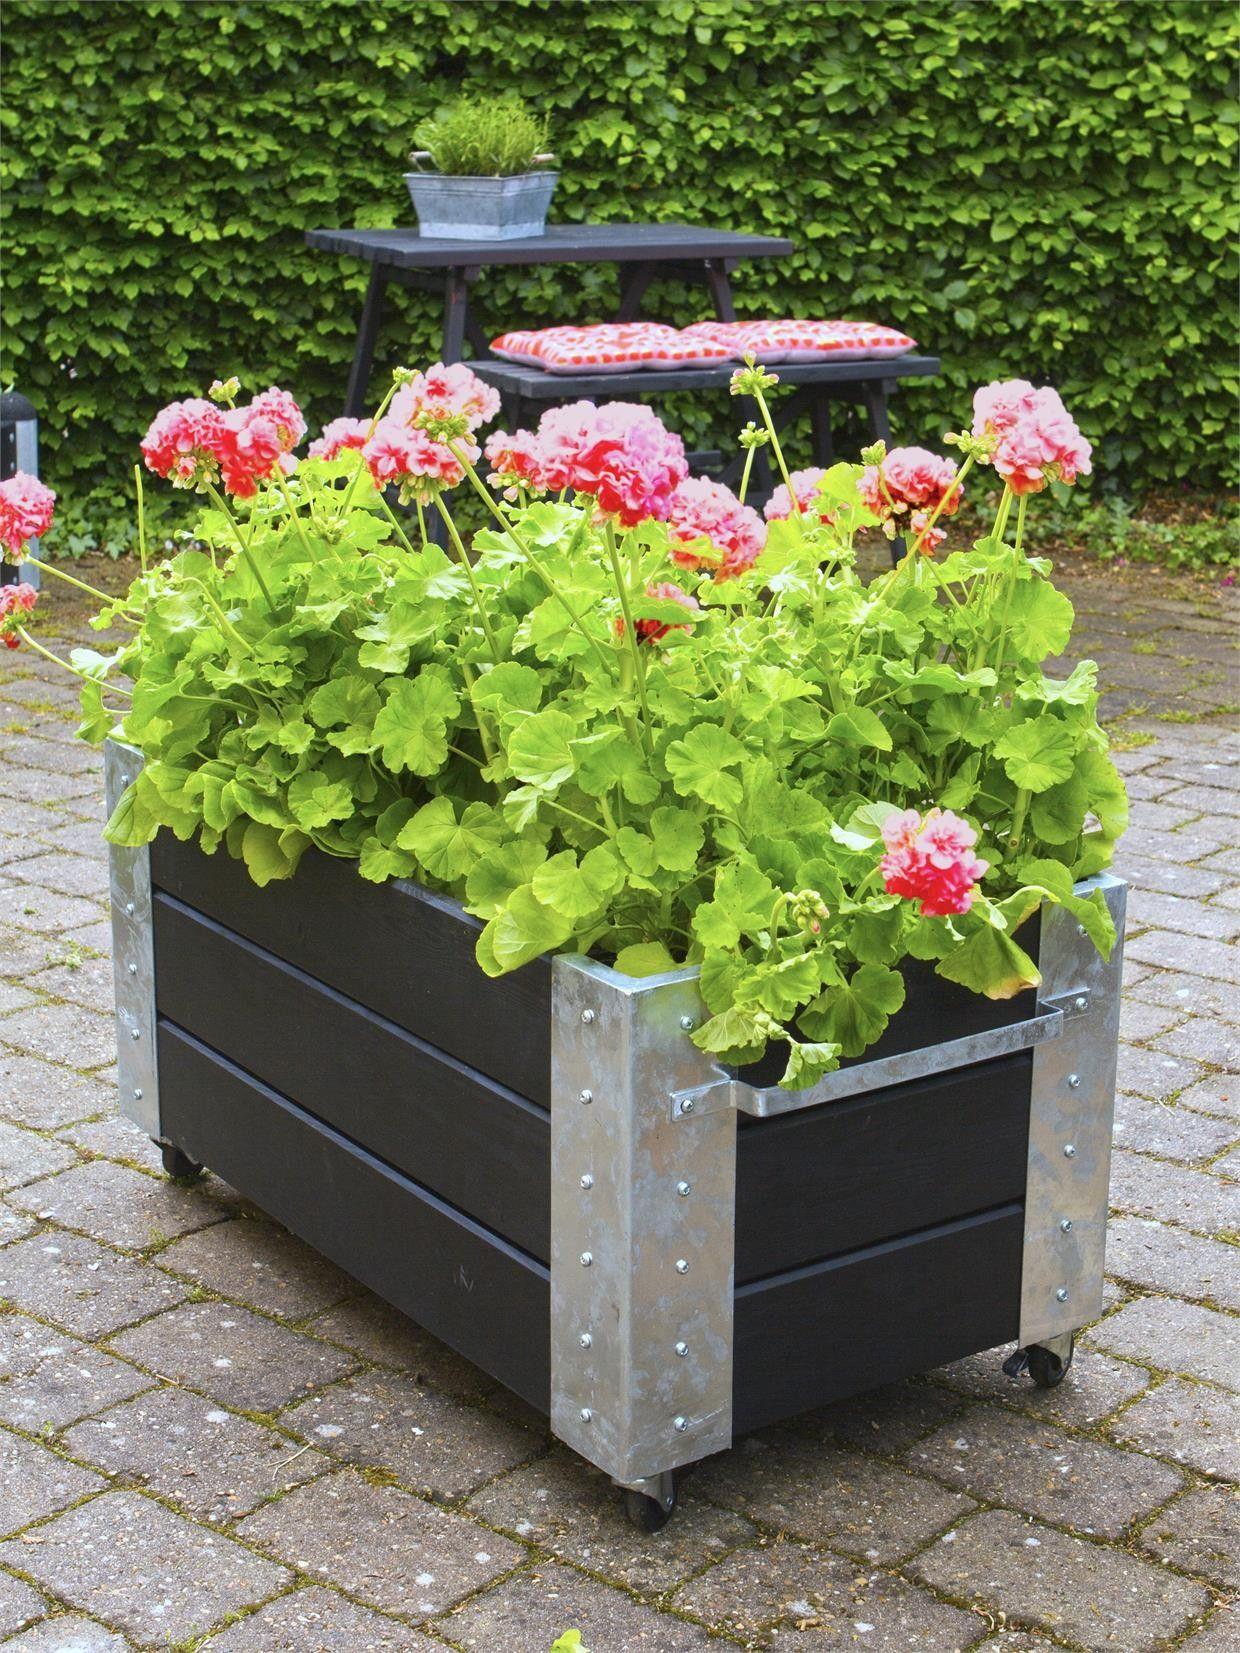 Blumenkasten Hochbeet Kdi Grundiert Fahrbar 87x50x45 Cm Plus Blumenkasten Hochbeet Blumenkasten Landhaus